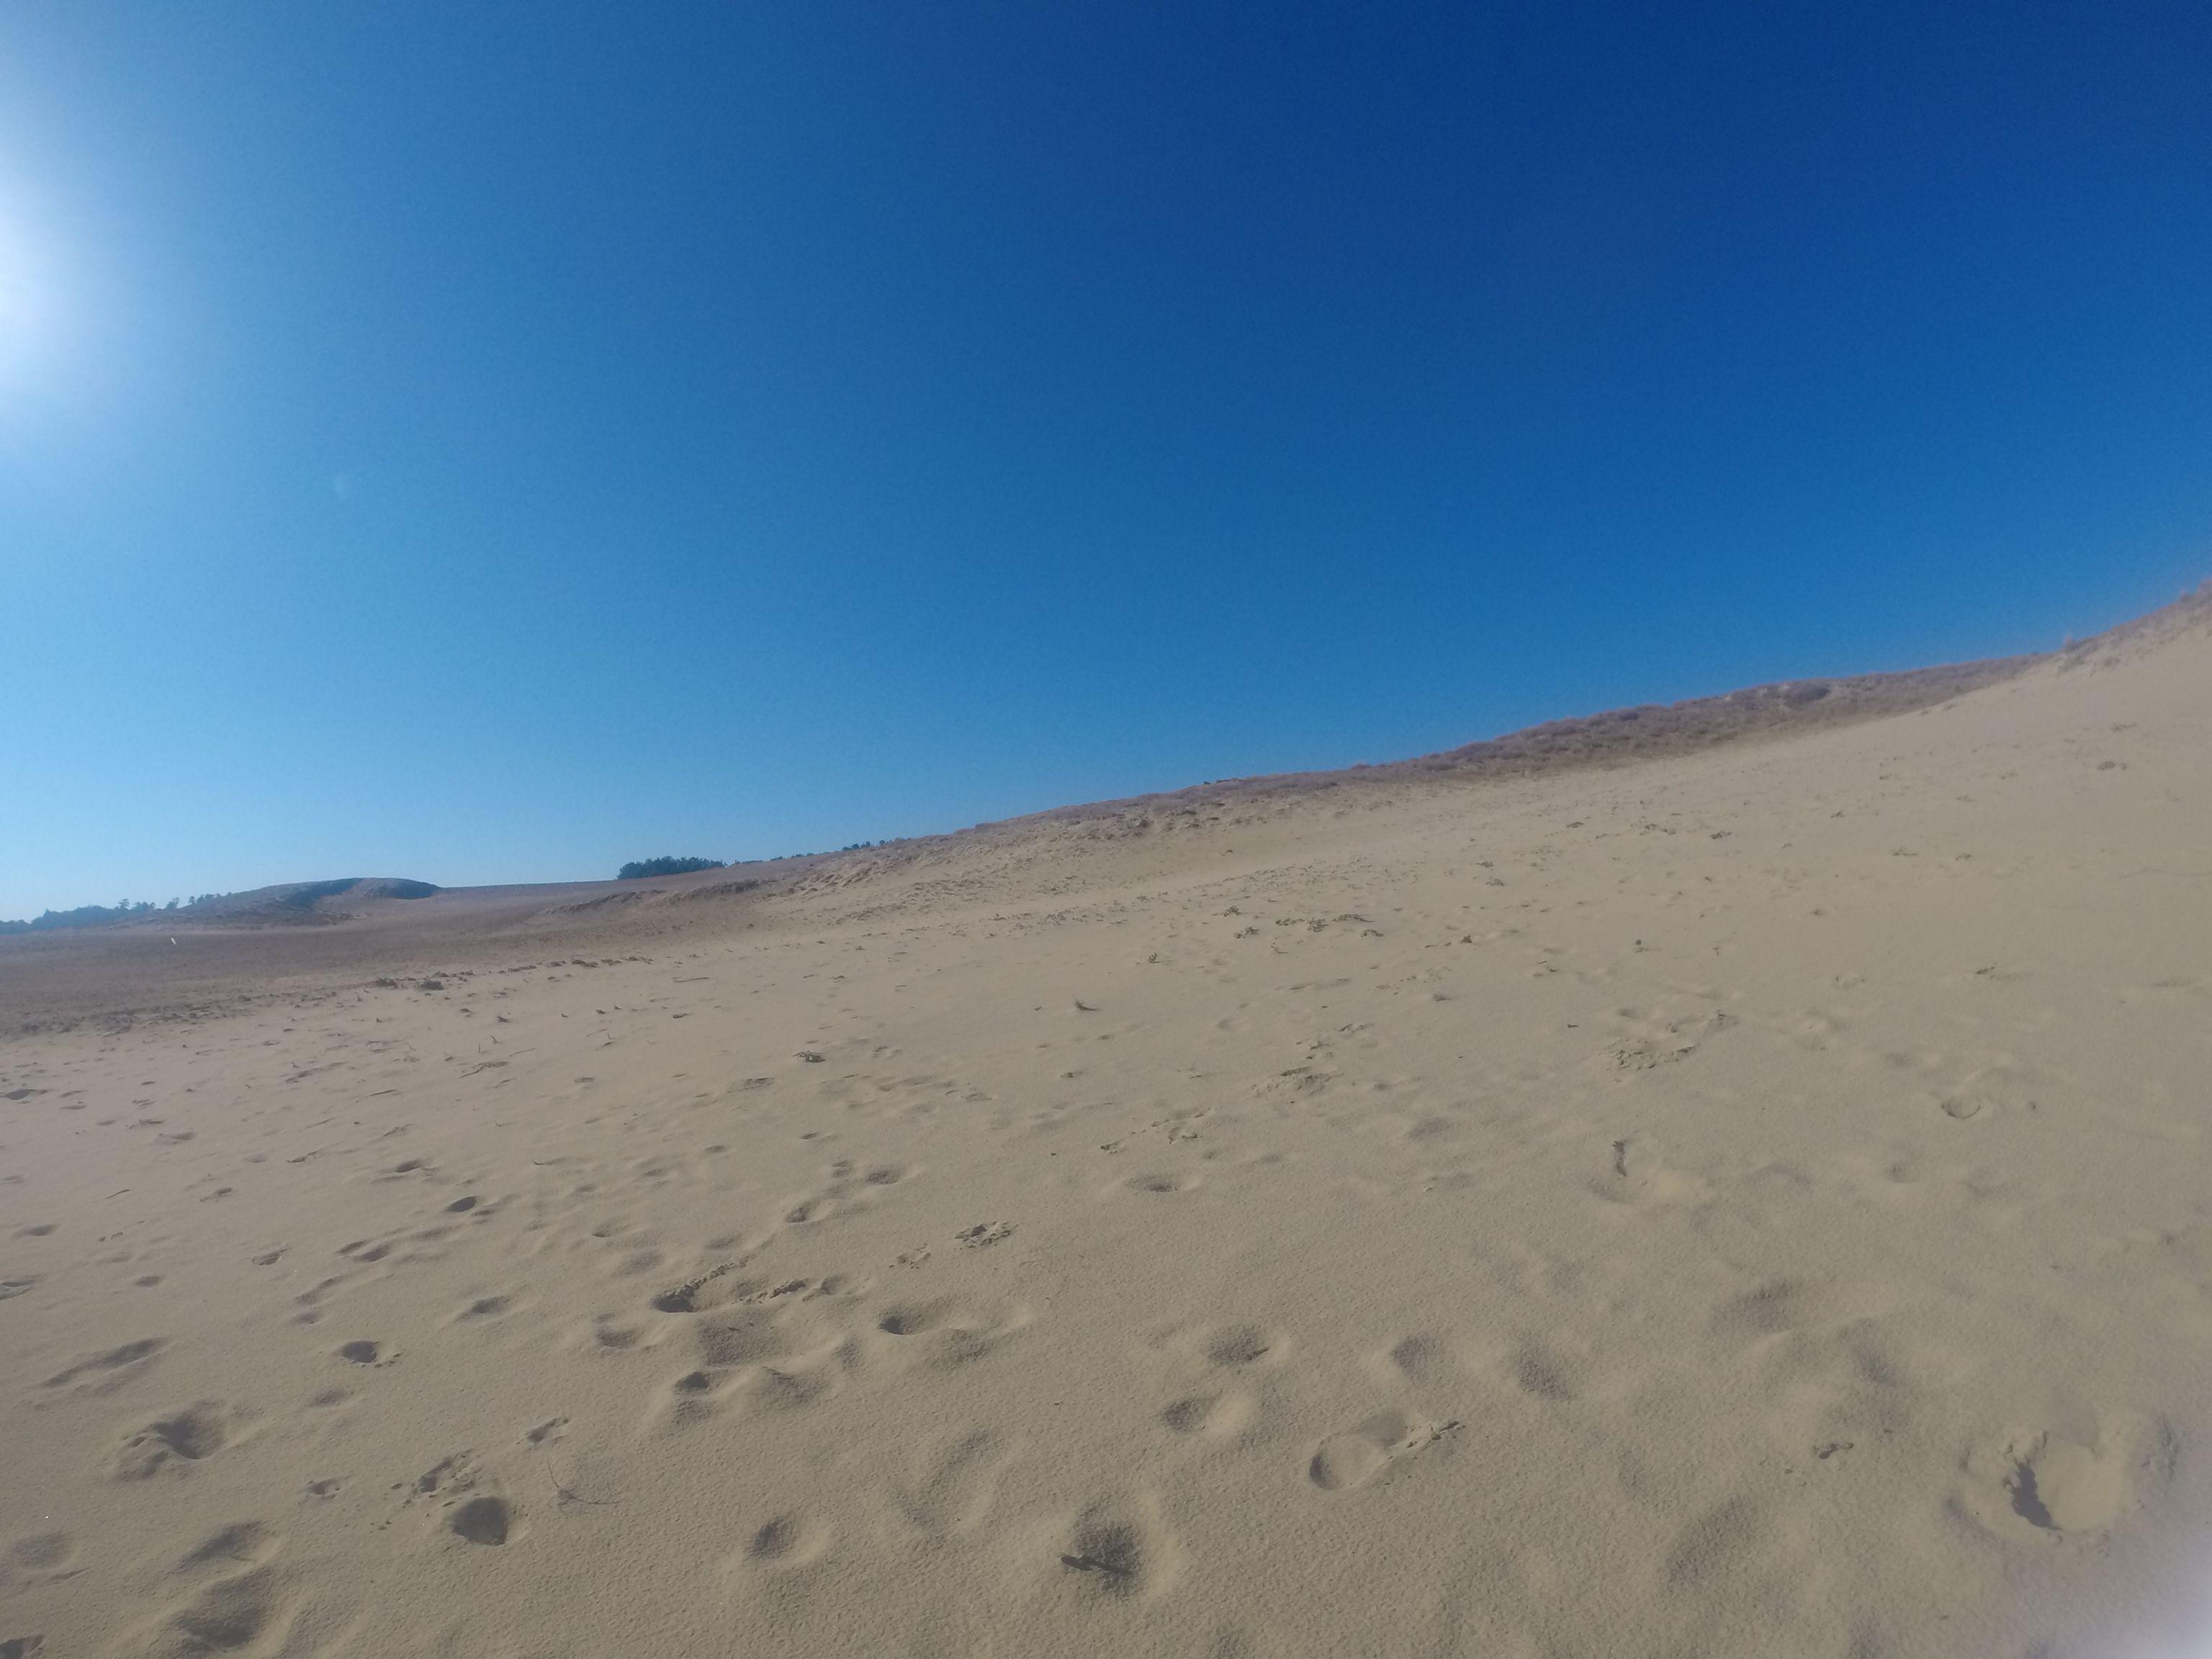 真っ青な空になった鳥取砂丘